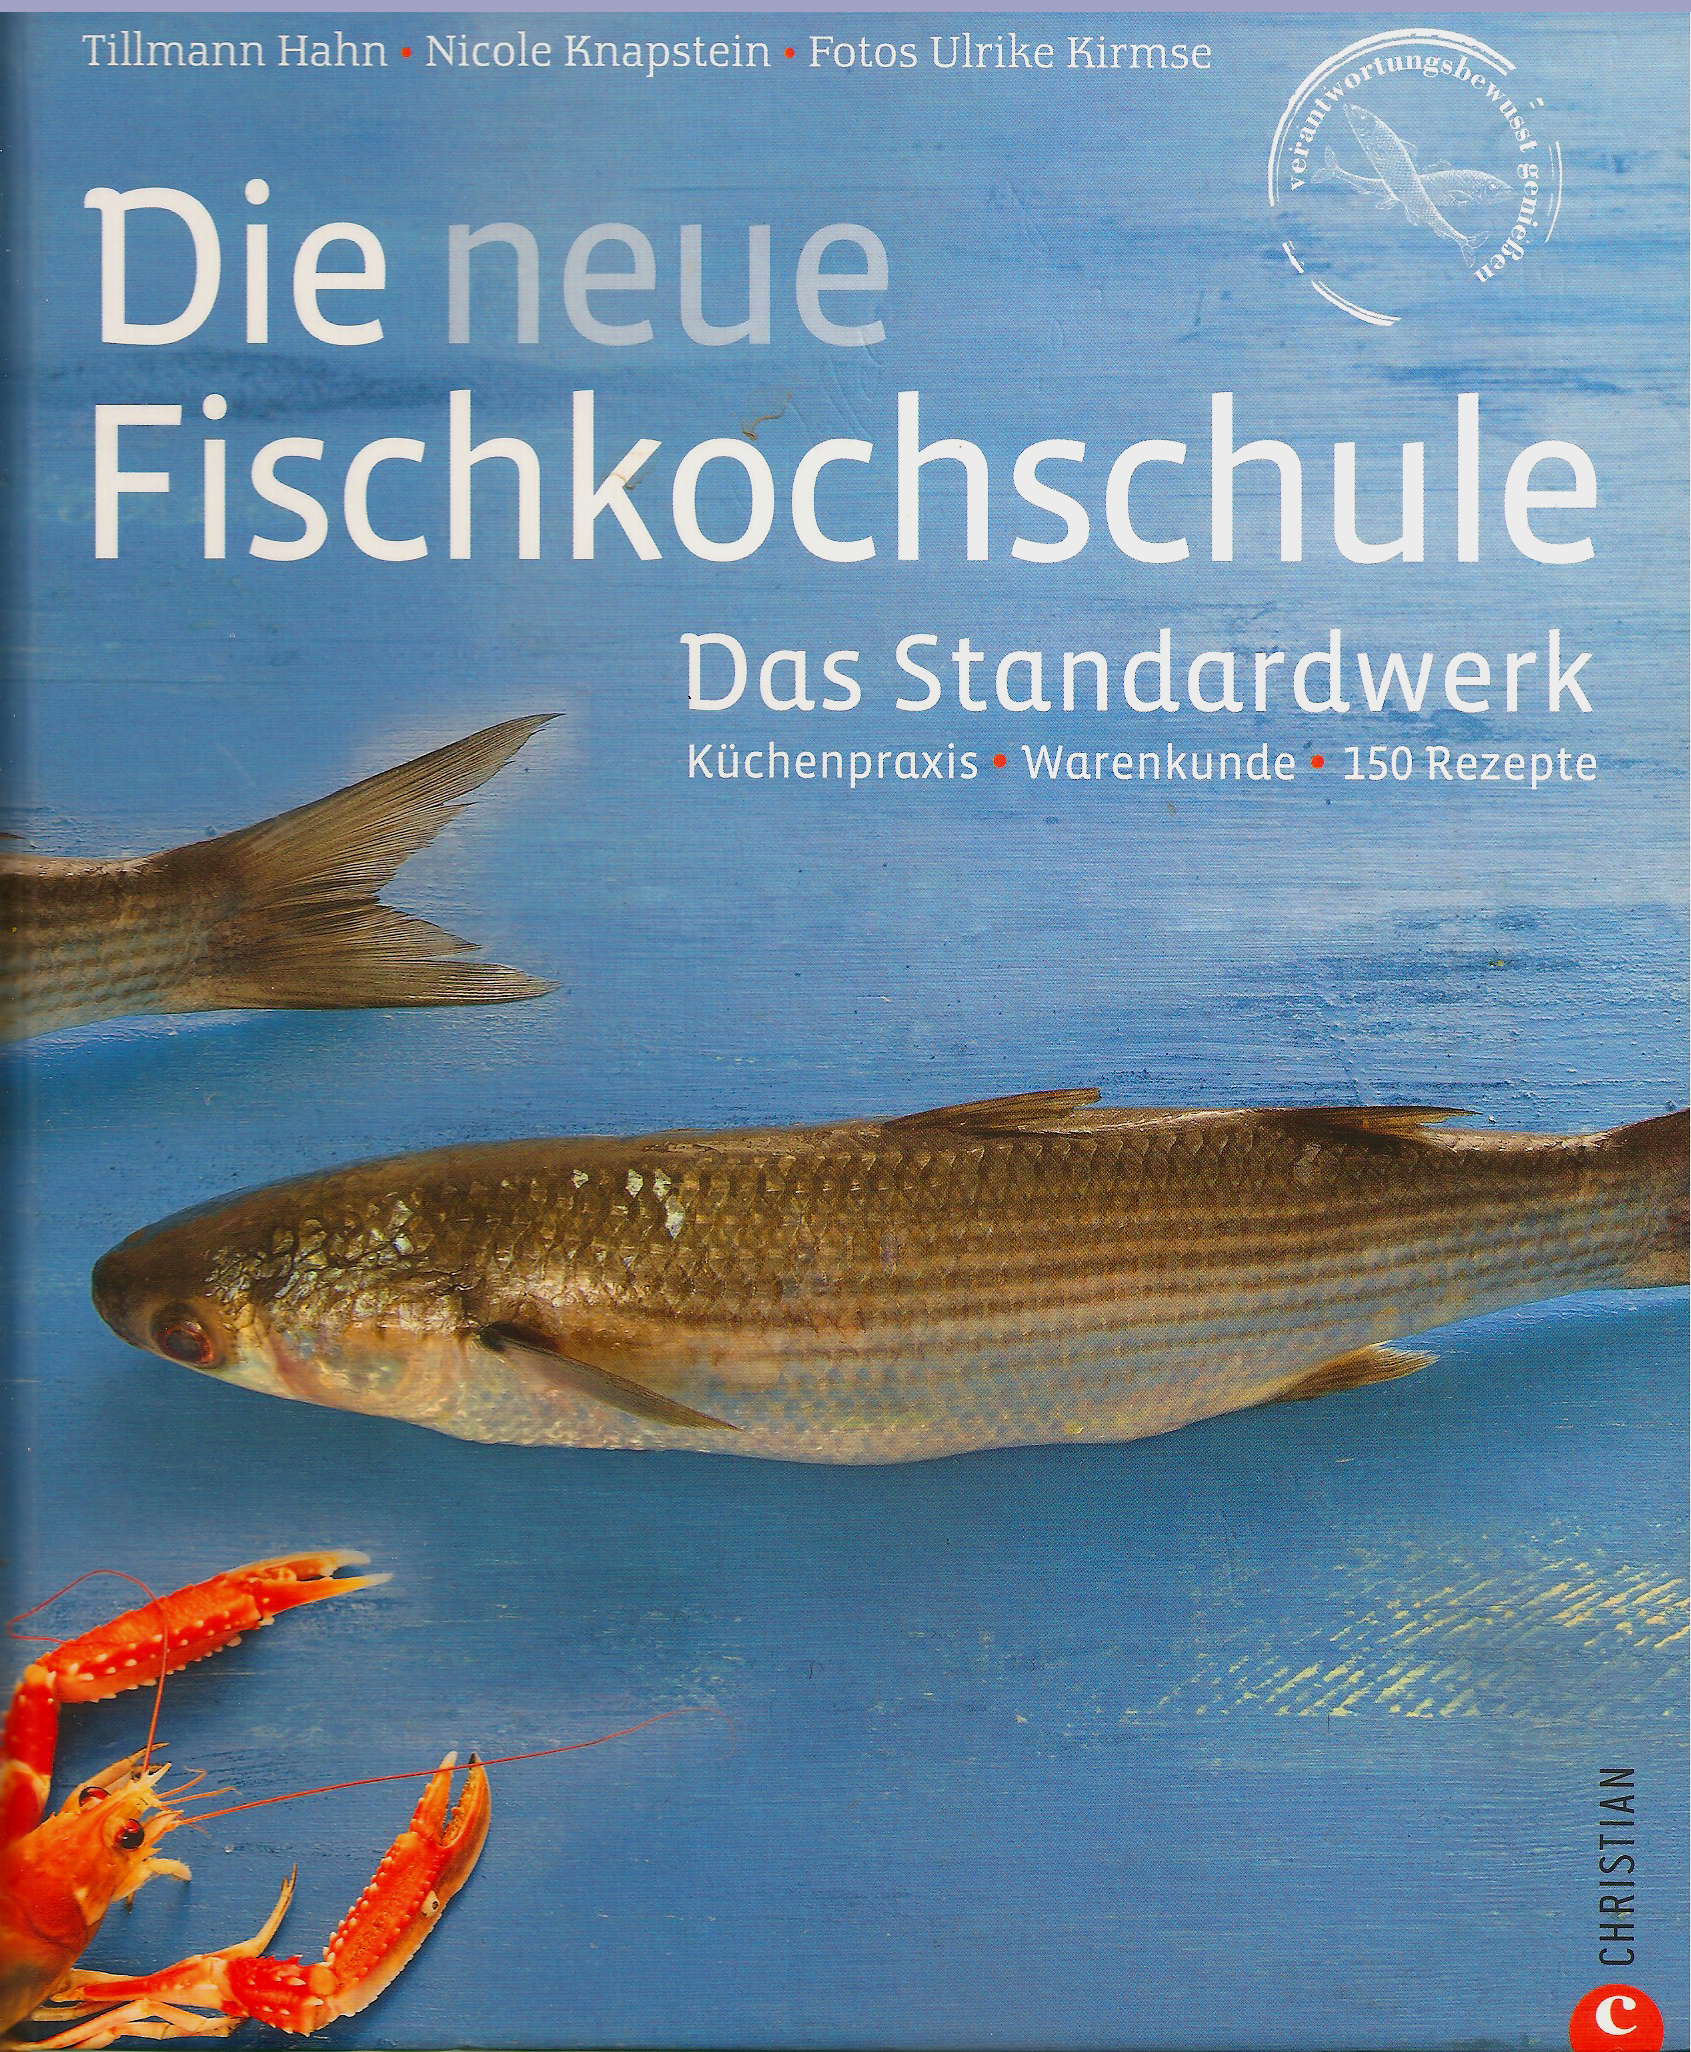 Urs Hug | Foodstyling. Die neue Fischkochschule - Das Standartwerk. Küchenpraxis, Warenkunde. Christian Verlag. ISBN-13: 978-3-86244-637-7